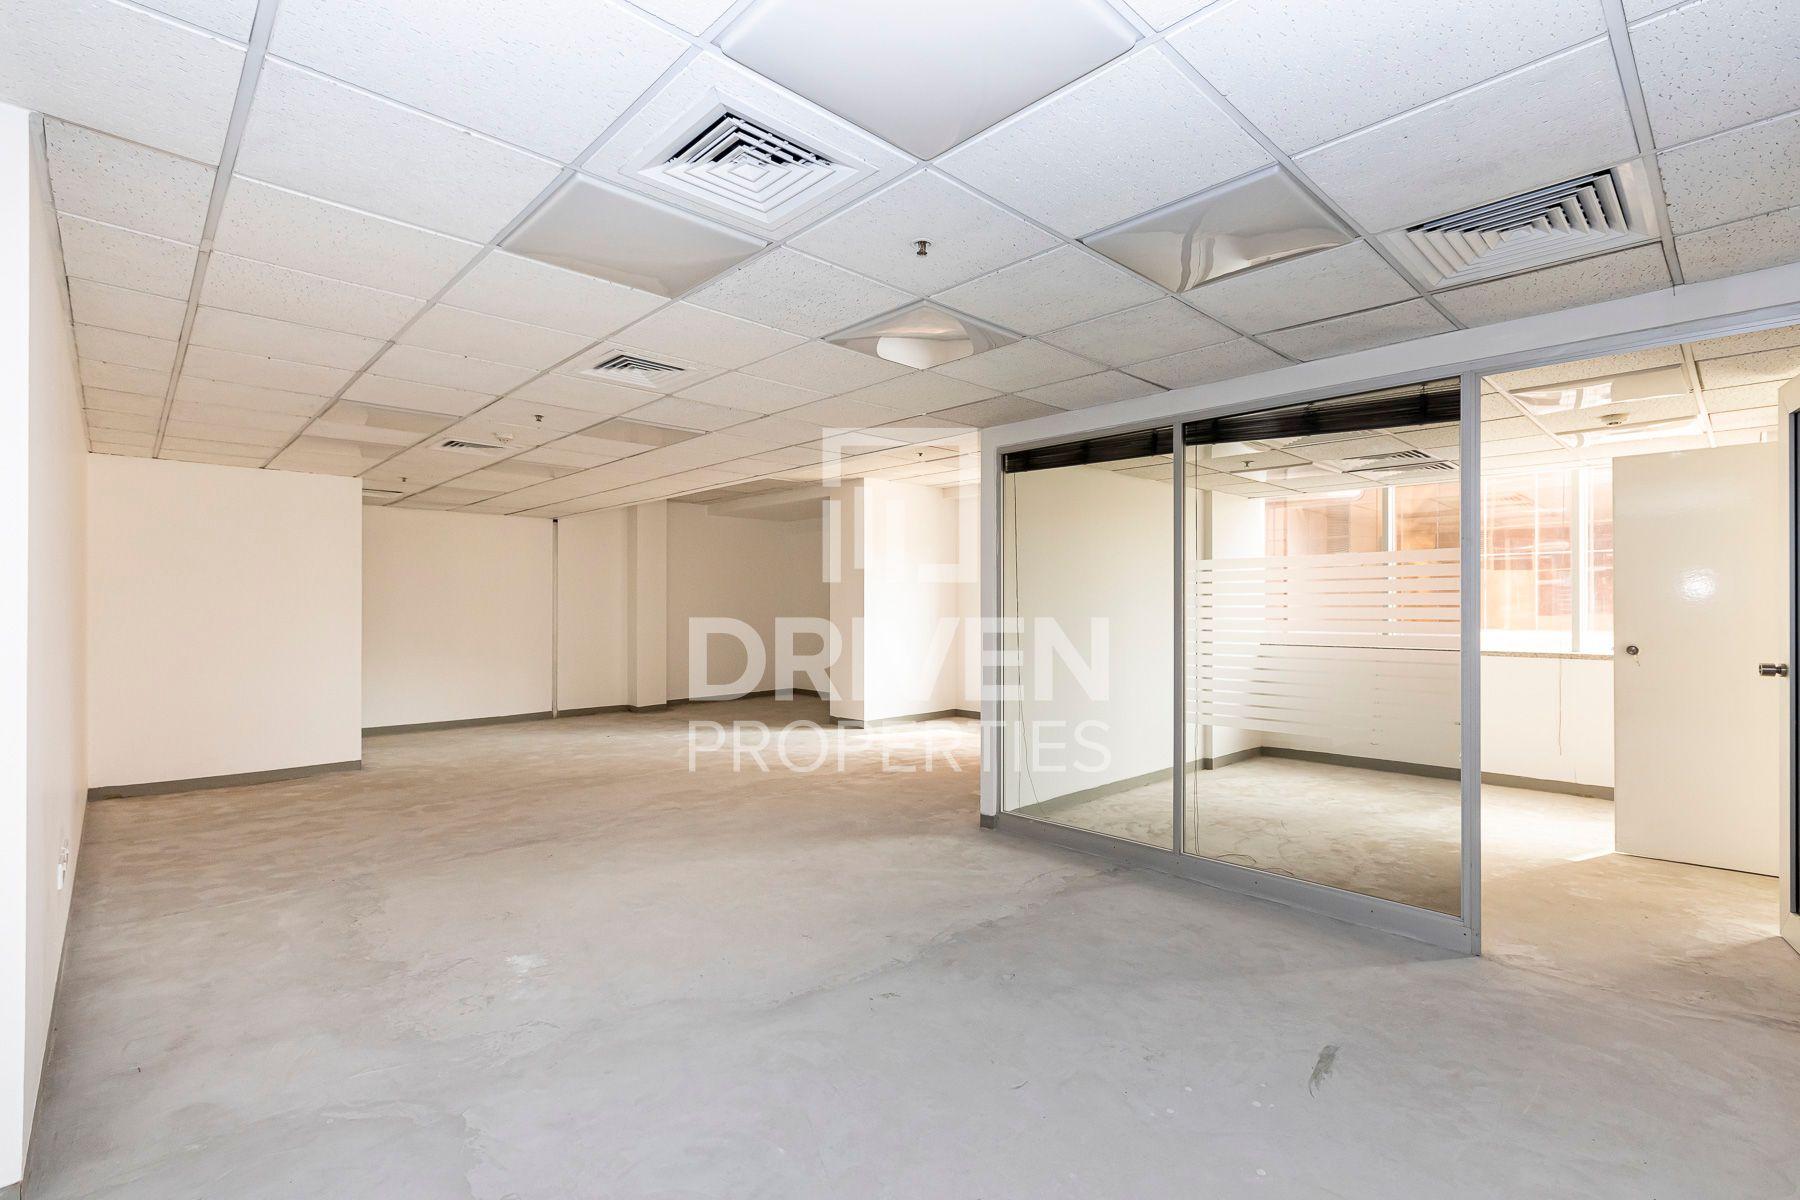 للايجار - مكتب - برج الموسى 1 - شارع الشيخ زايد